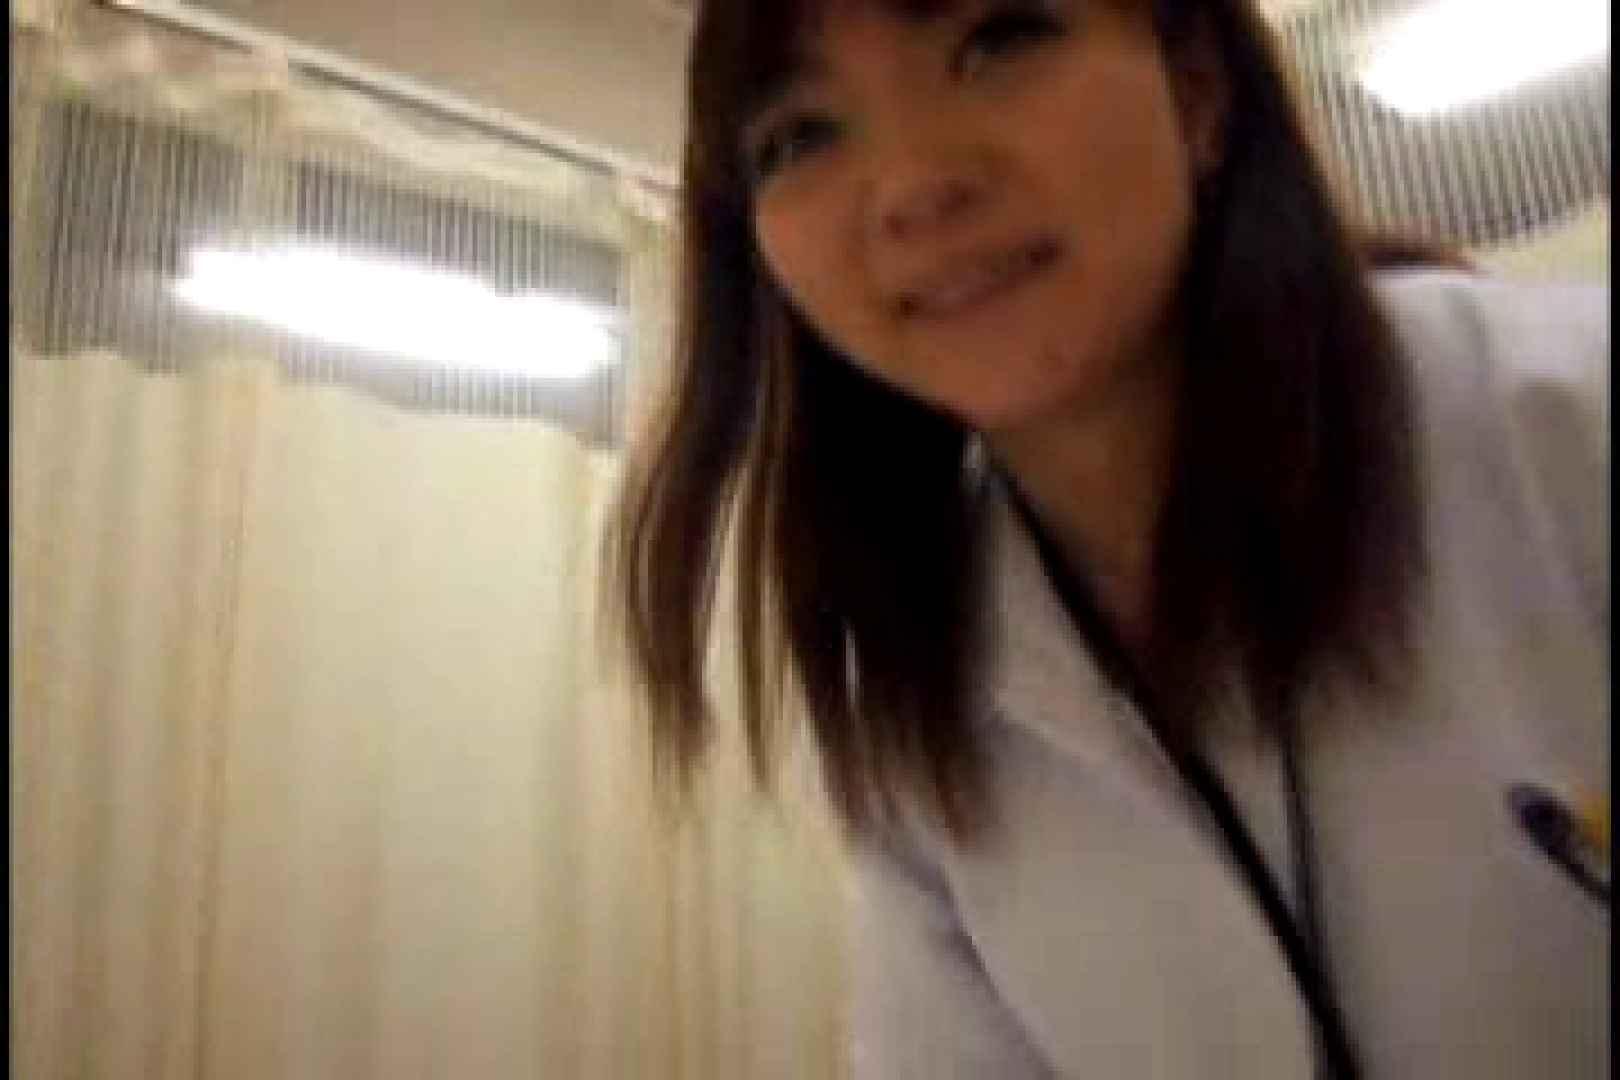 ヤリマンと呼ばれた看護士さんvol1 シックスナイン 隠し撮りオマンコ動画紹介 71枚 4